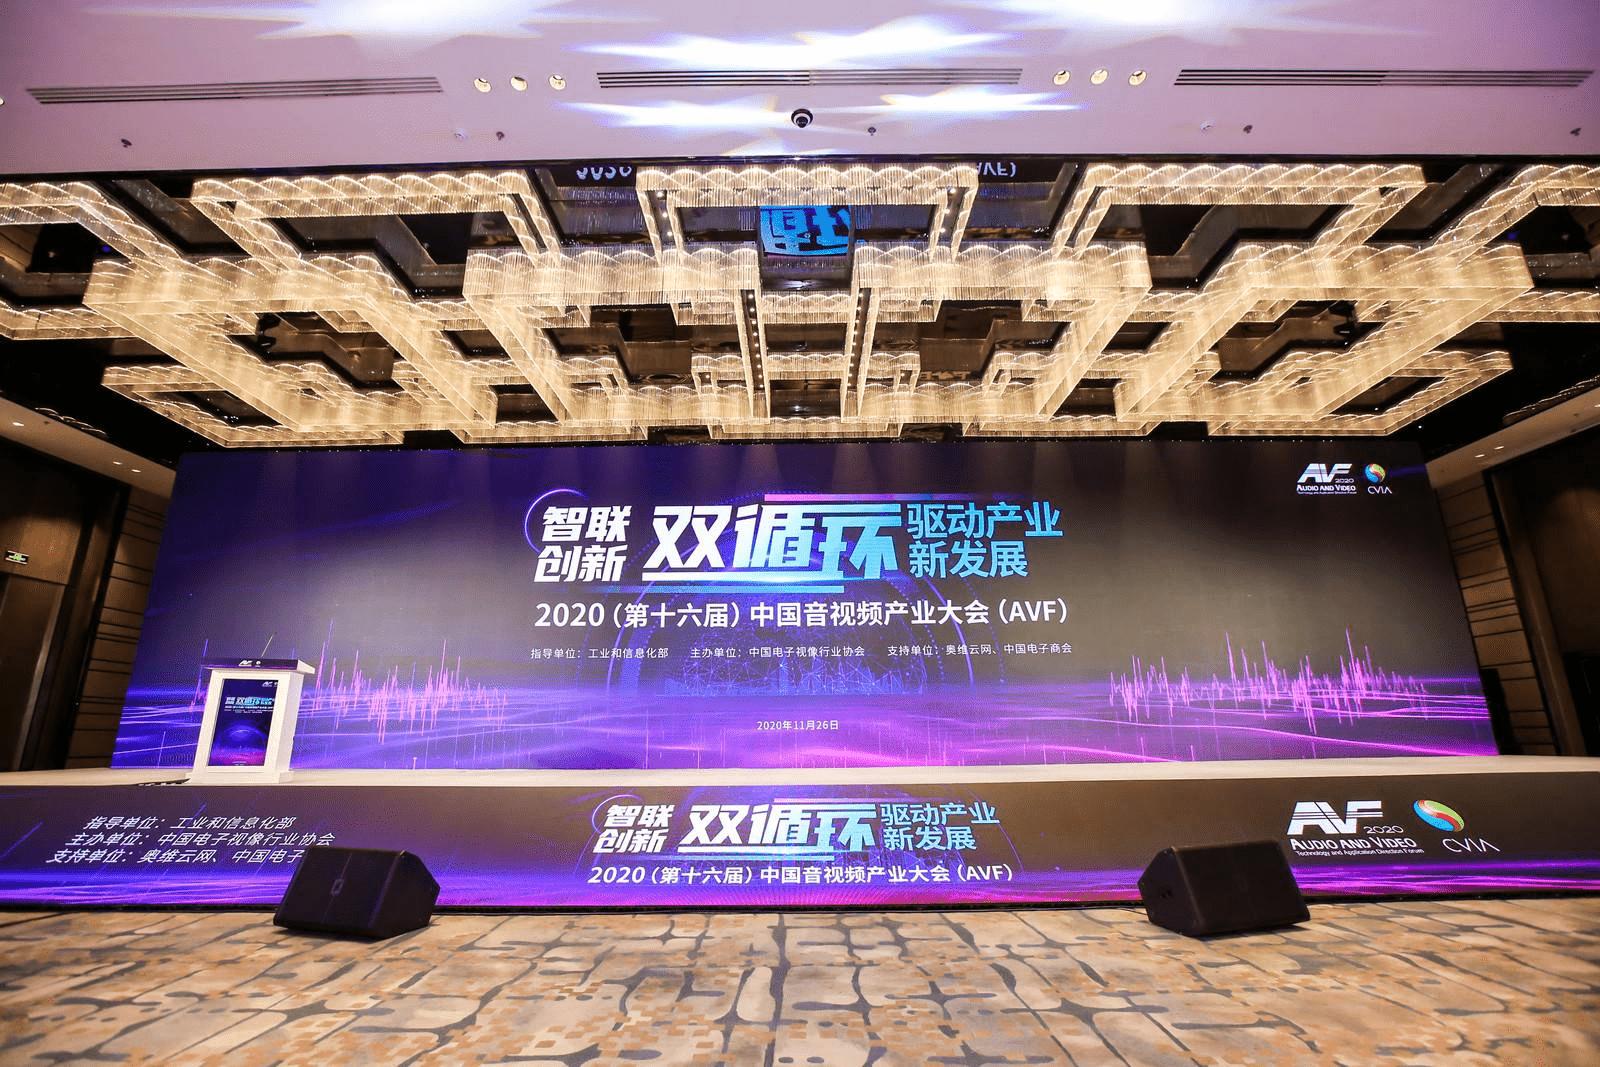 创维商用Swaiot BOARD 全场景智慧屏荣获中国音视频产业大会产品创新奖